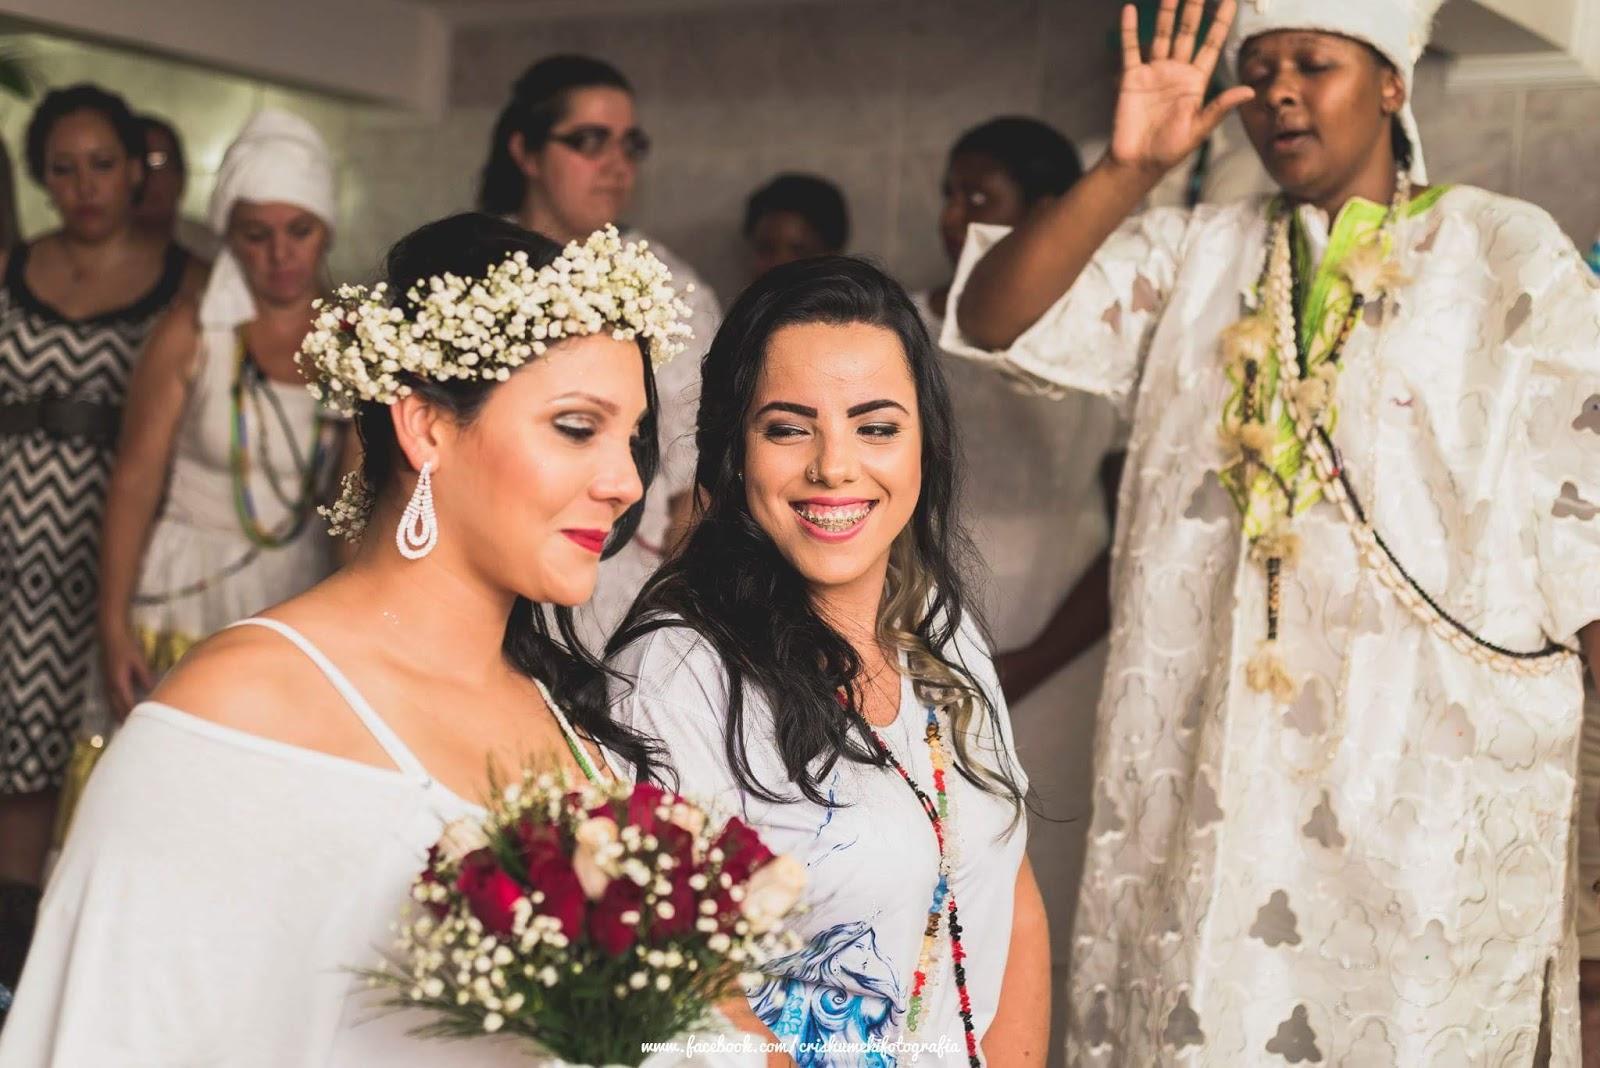 Fotos de casamento entre lésbicas em terreiro viraliza na web